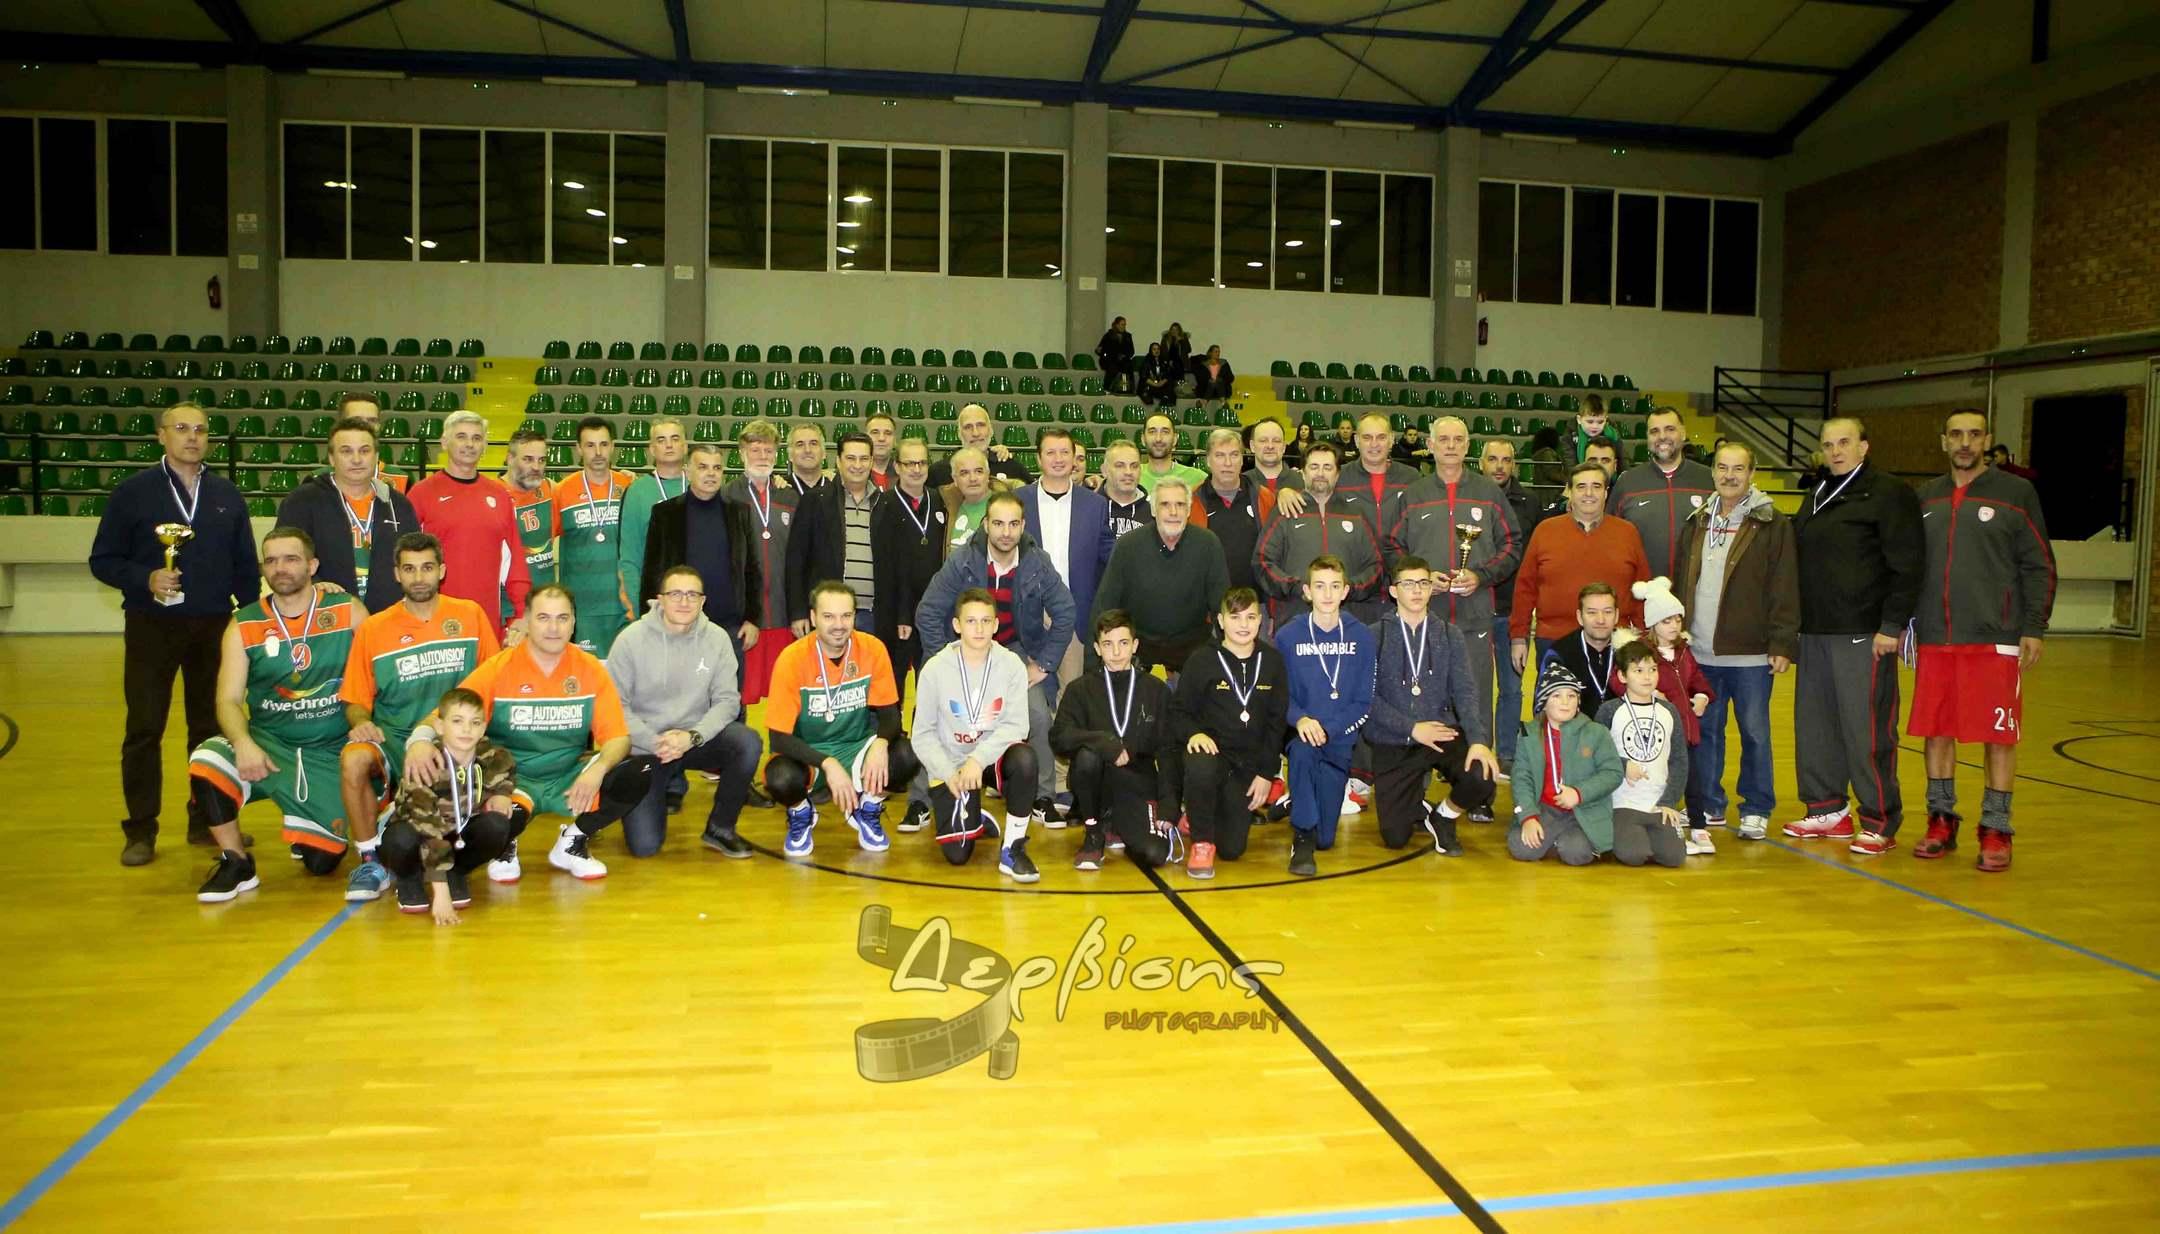 Πετυχημένο το 4ο φιλανθρωπικό τουρνουά μπάσκετ στο Αγρίνιο (φωτο)